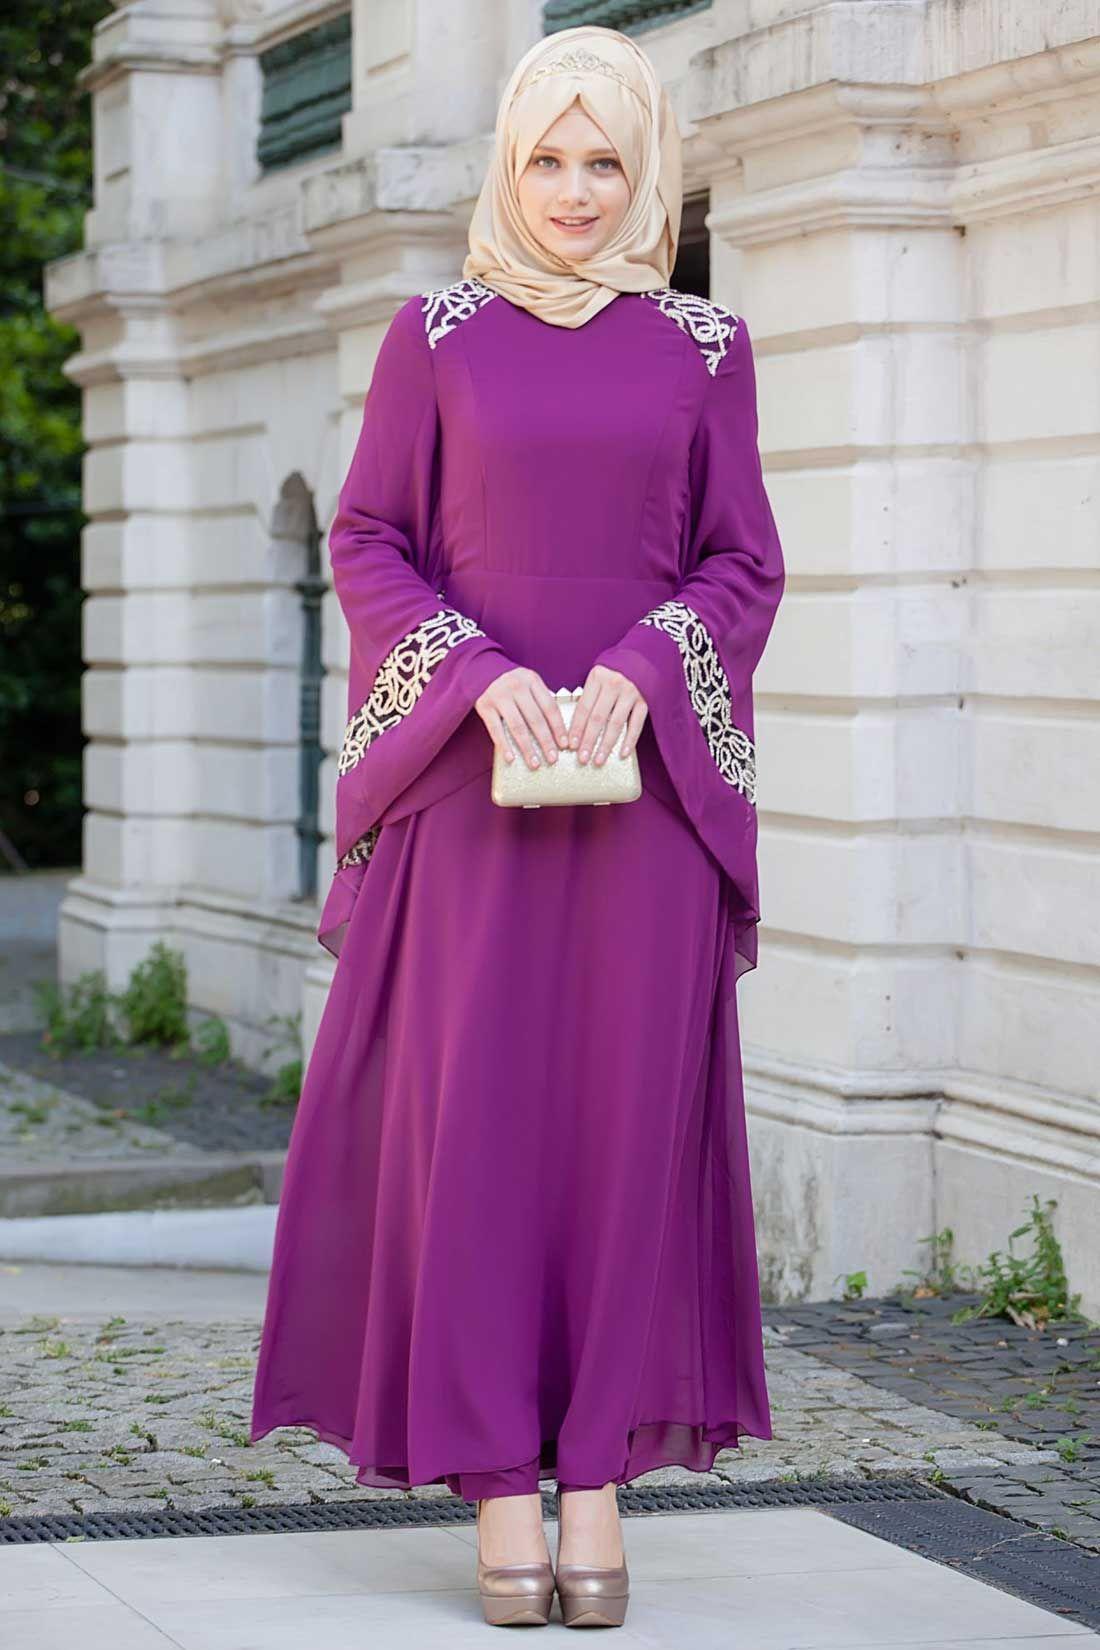 Sik Tesettur Abiye Modelleri Size Ozel Tesettur Abiyeleri Abiye Modelleri Modaroyal Abiye Uzerinden Inceleyip Hizli Ve Guvenli Giyim Moda Stilleri The Dress